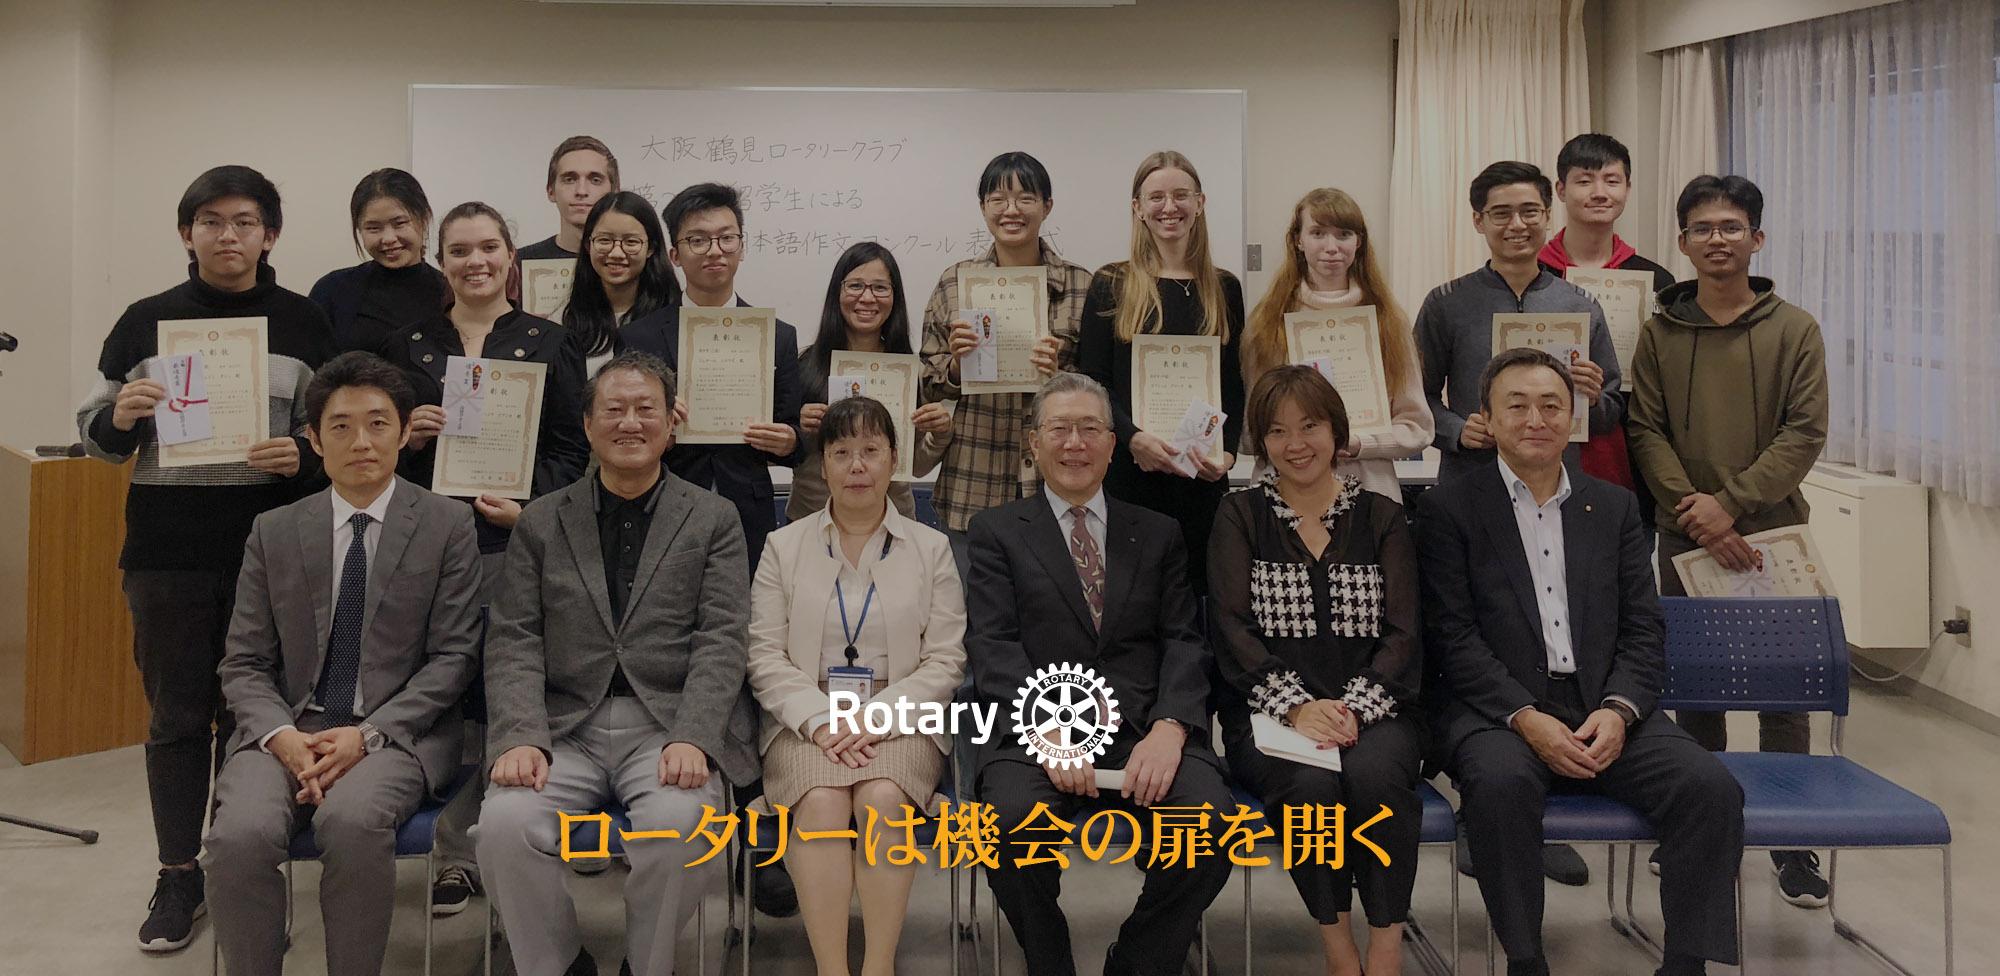 大阪鶴見ロータリークラブ